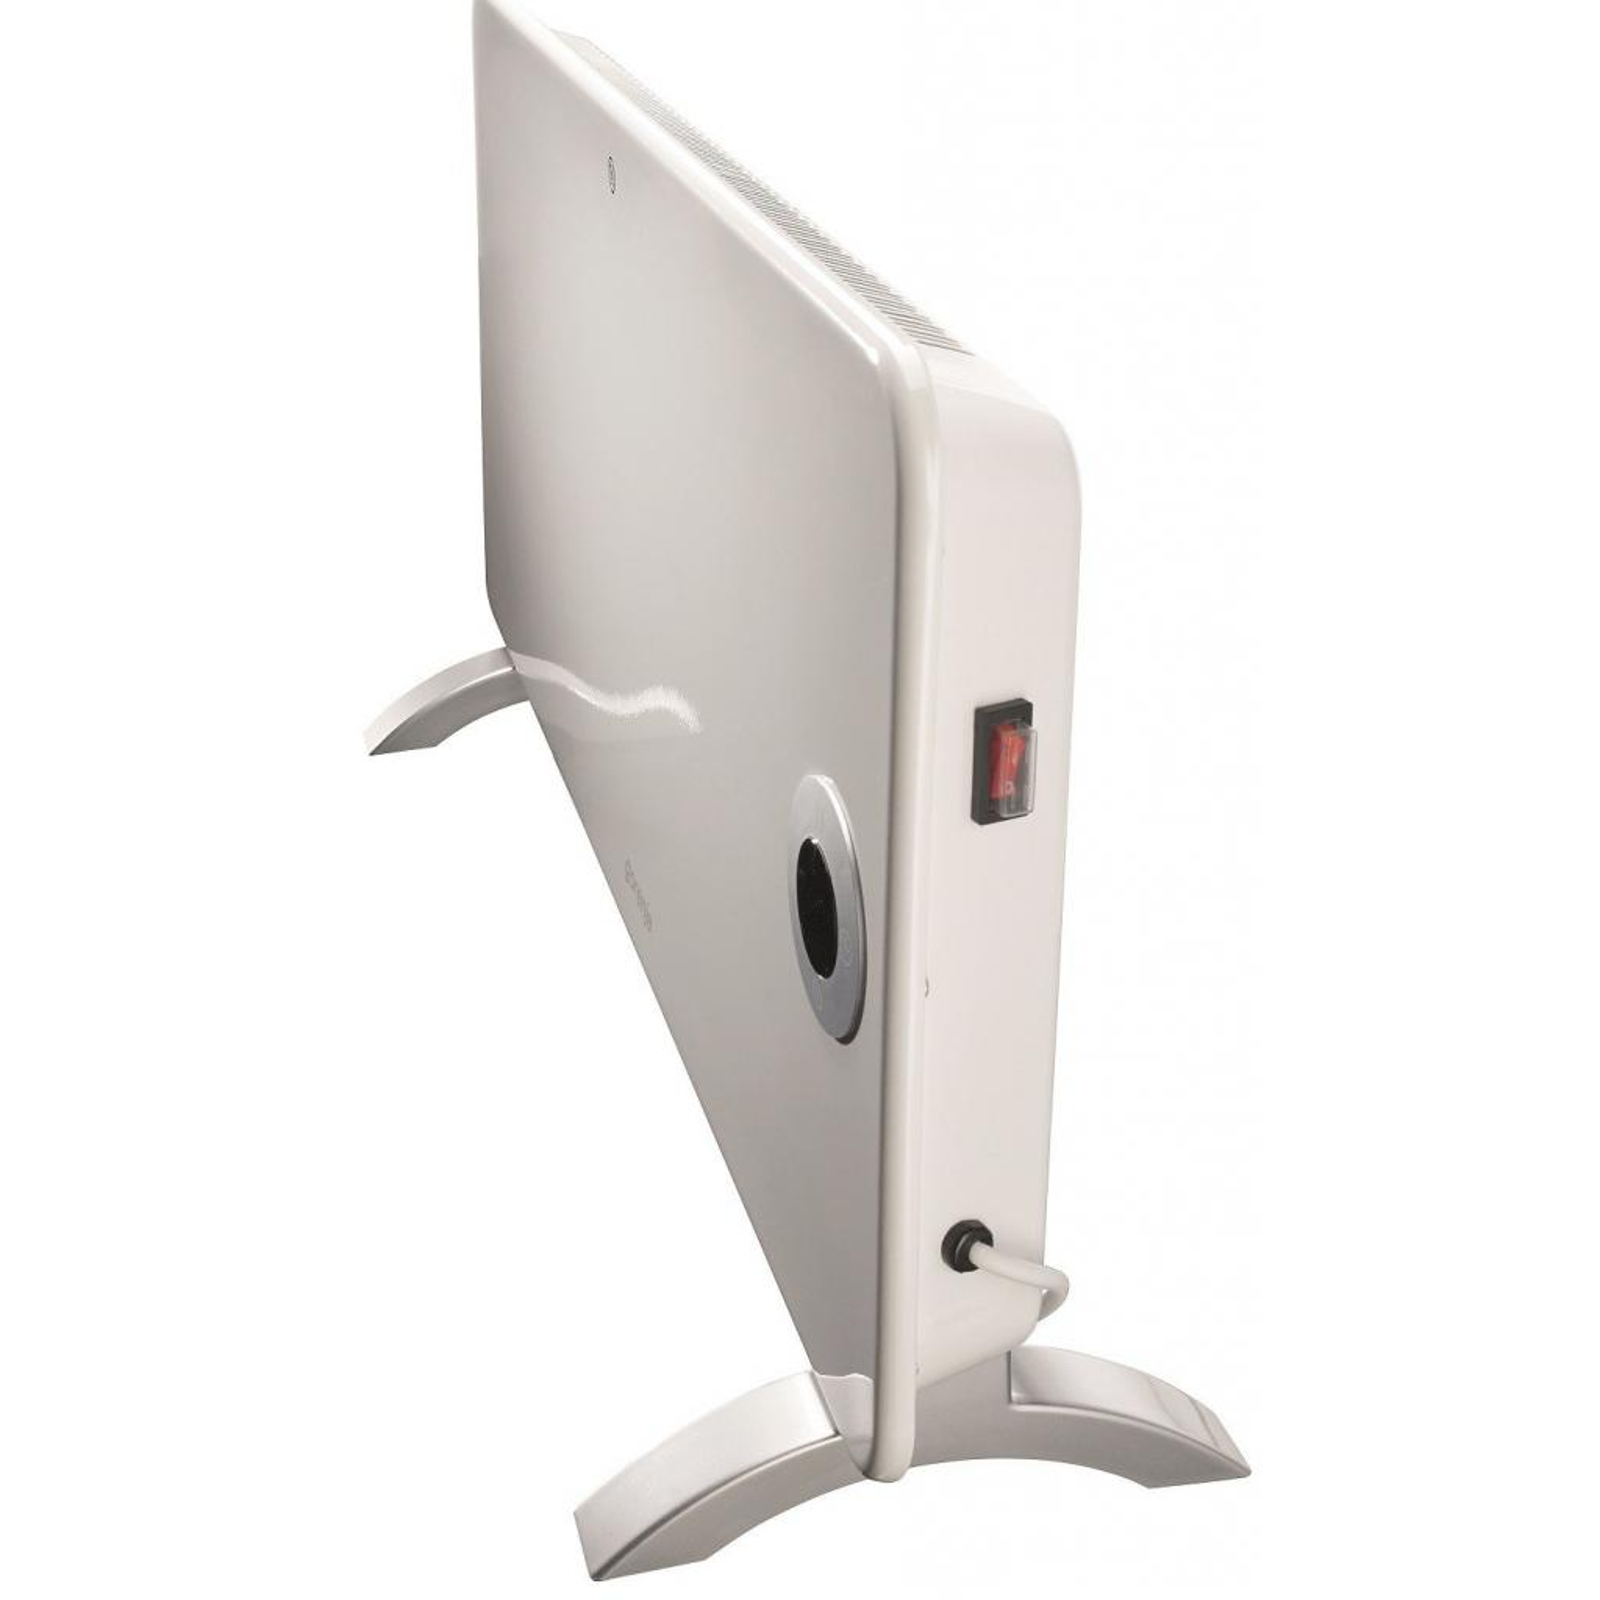 Обігрівач Gorenje OptiHeat 2000 EWP (Wi-Fi) (OptiHeat2000EWP) зображення 2